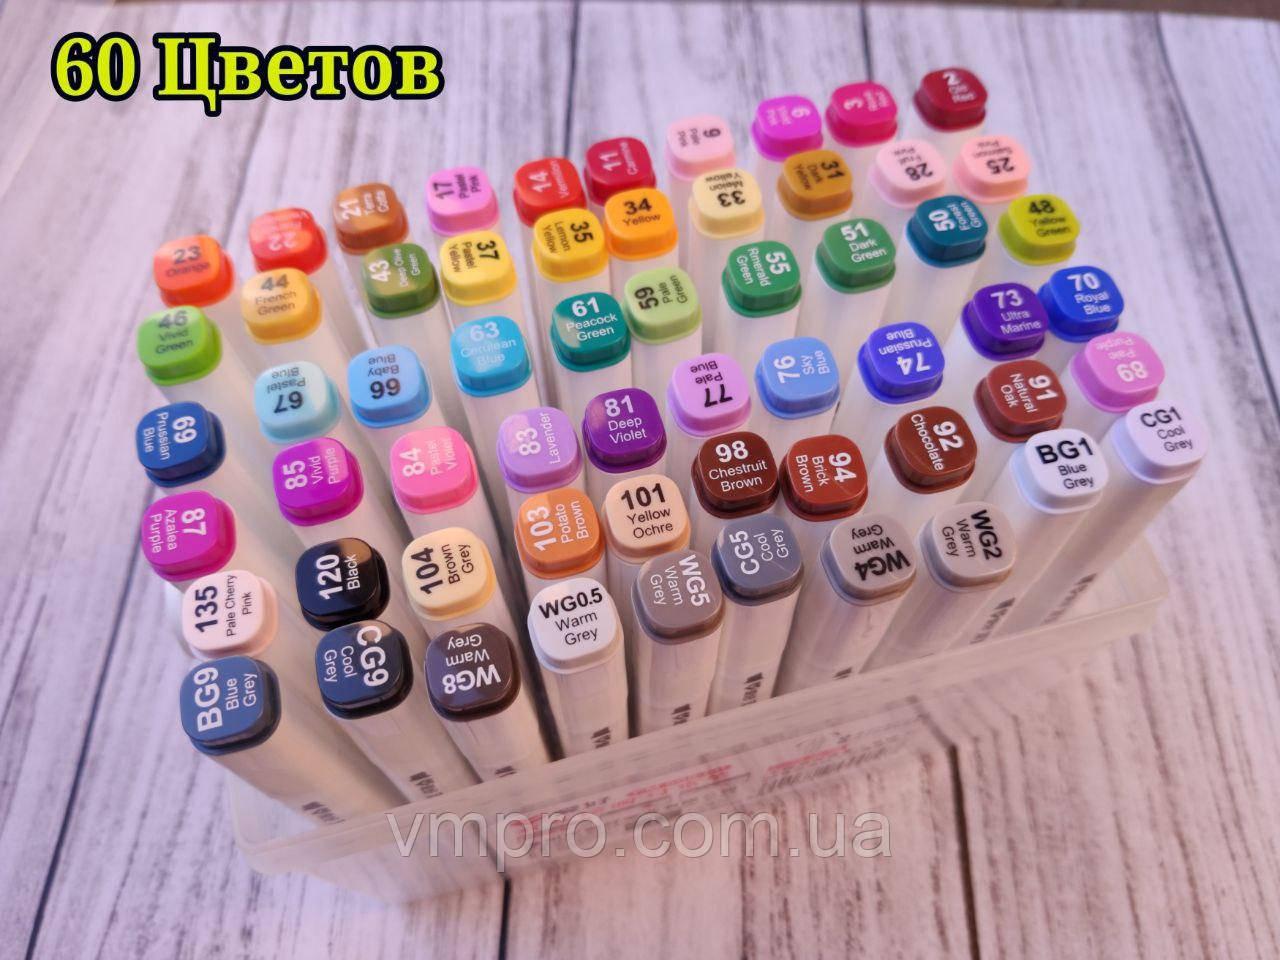 """Скетч маркери """"Sketch marcer"""" набір 60 кольорів, Aihao набір в пластиковому боксі."""